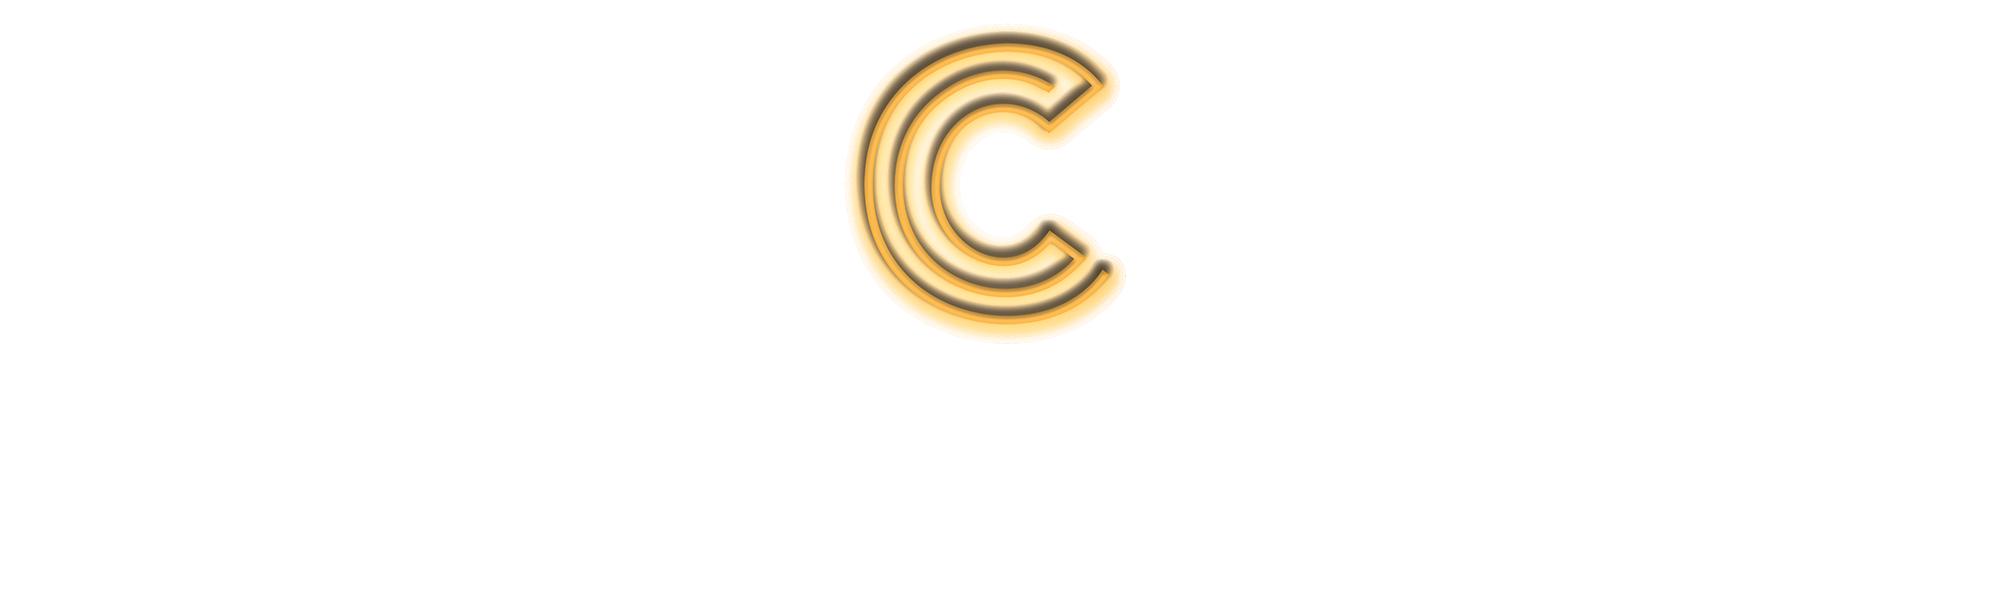 cc_logo_color_2000px